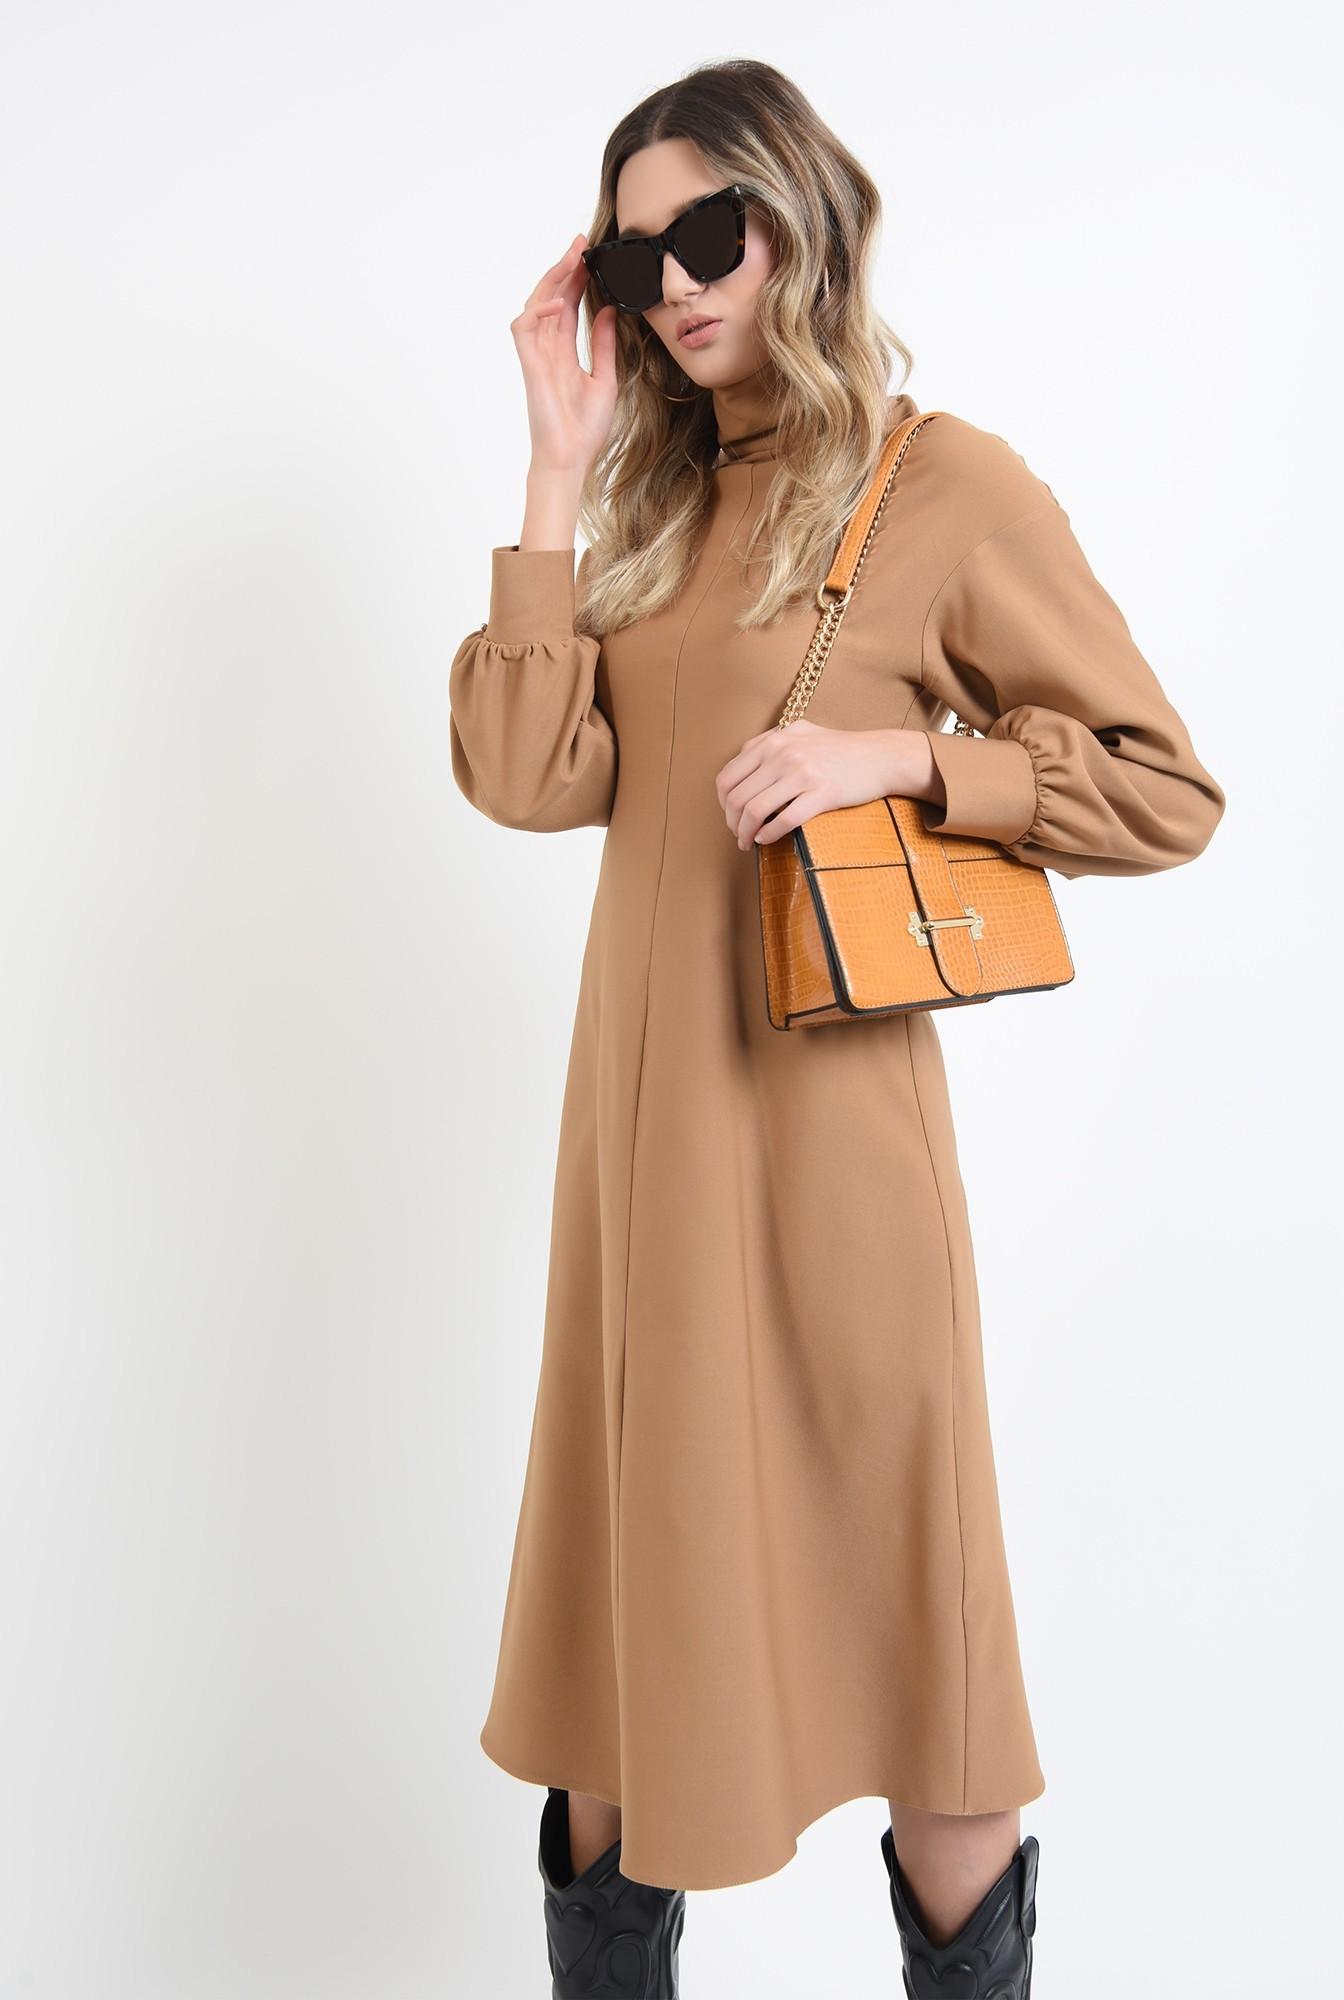 0 - rochie midi, camel, cu guler inalt